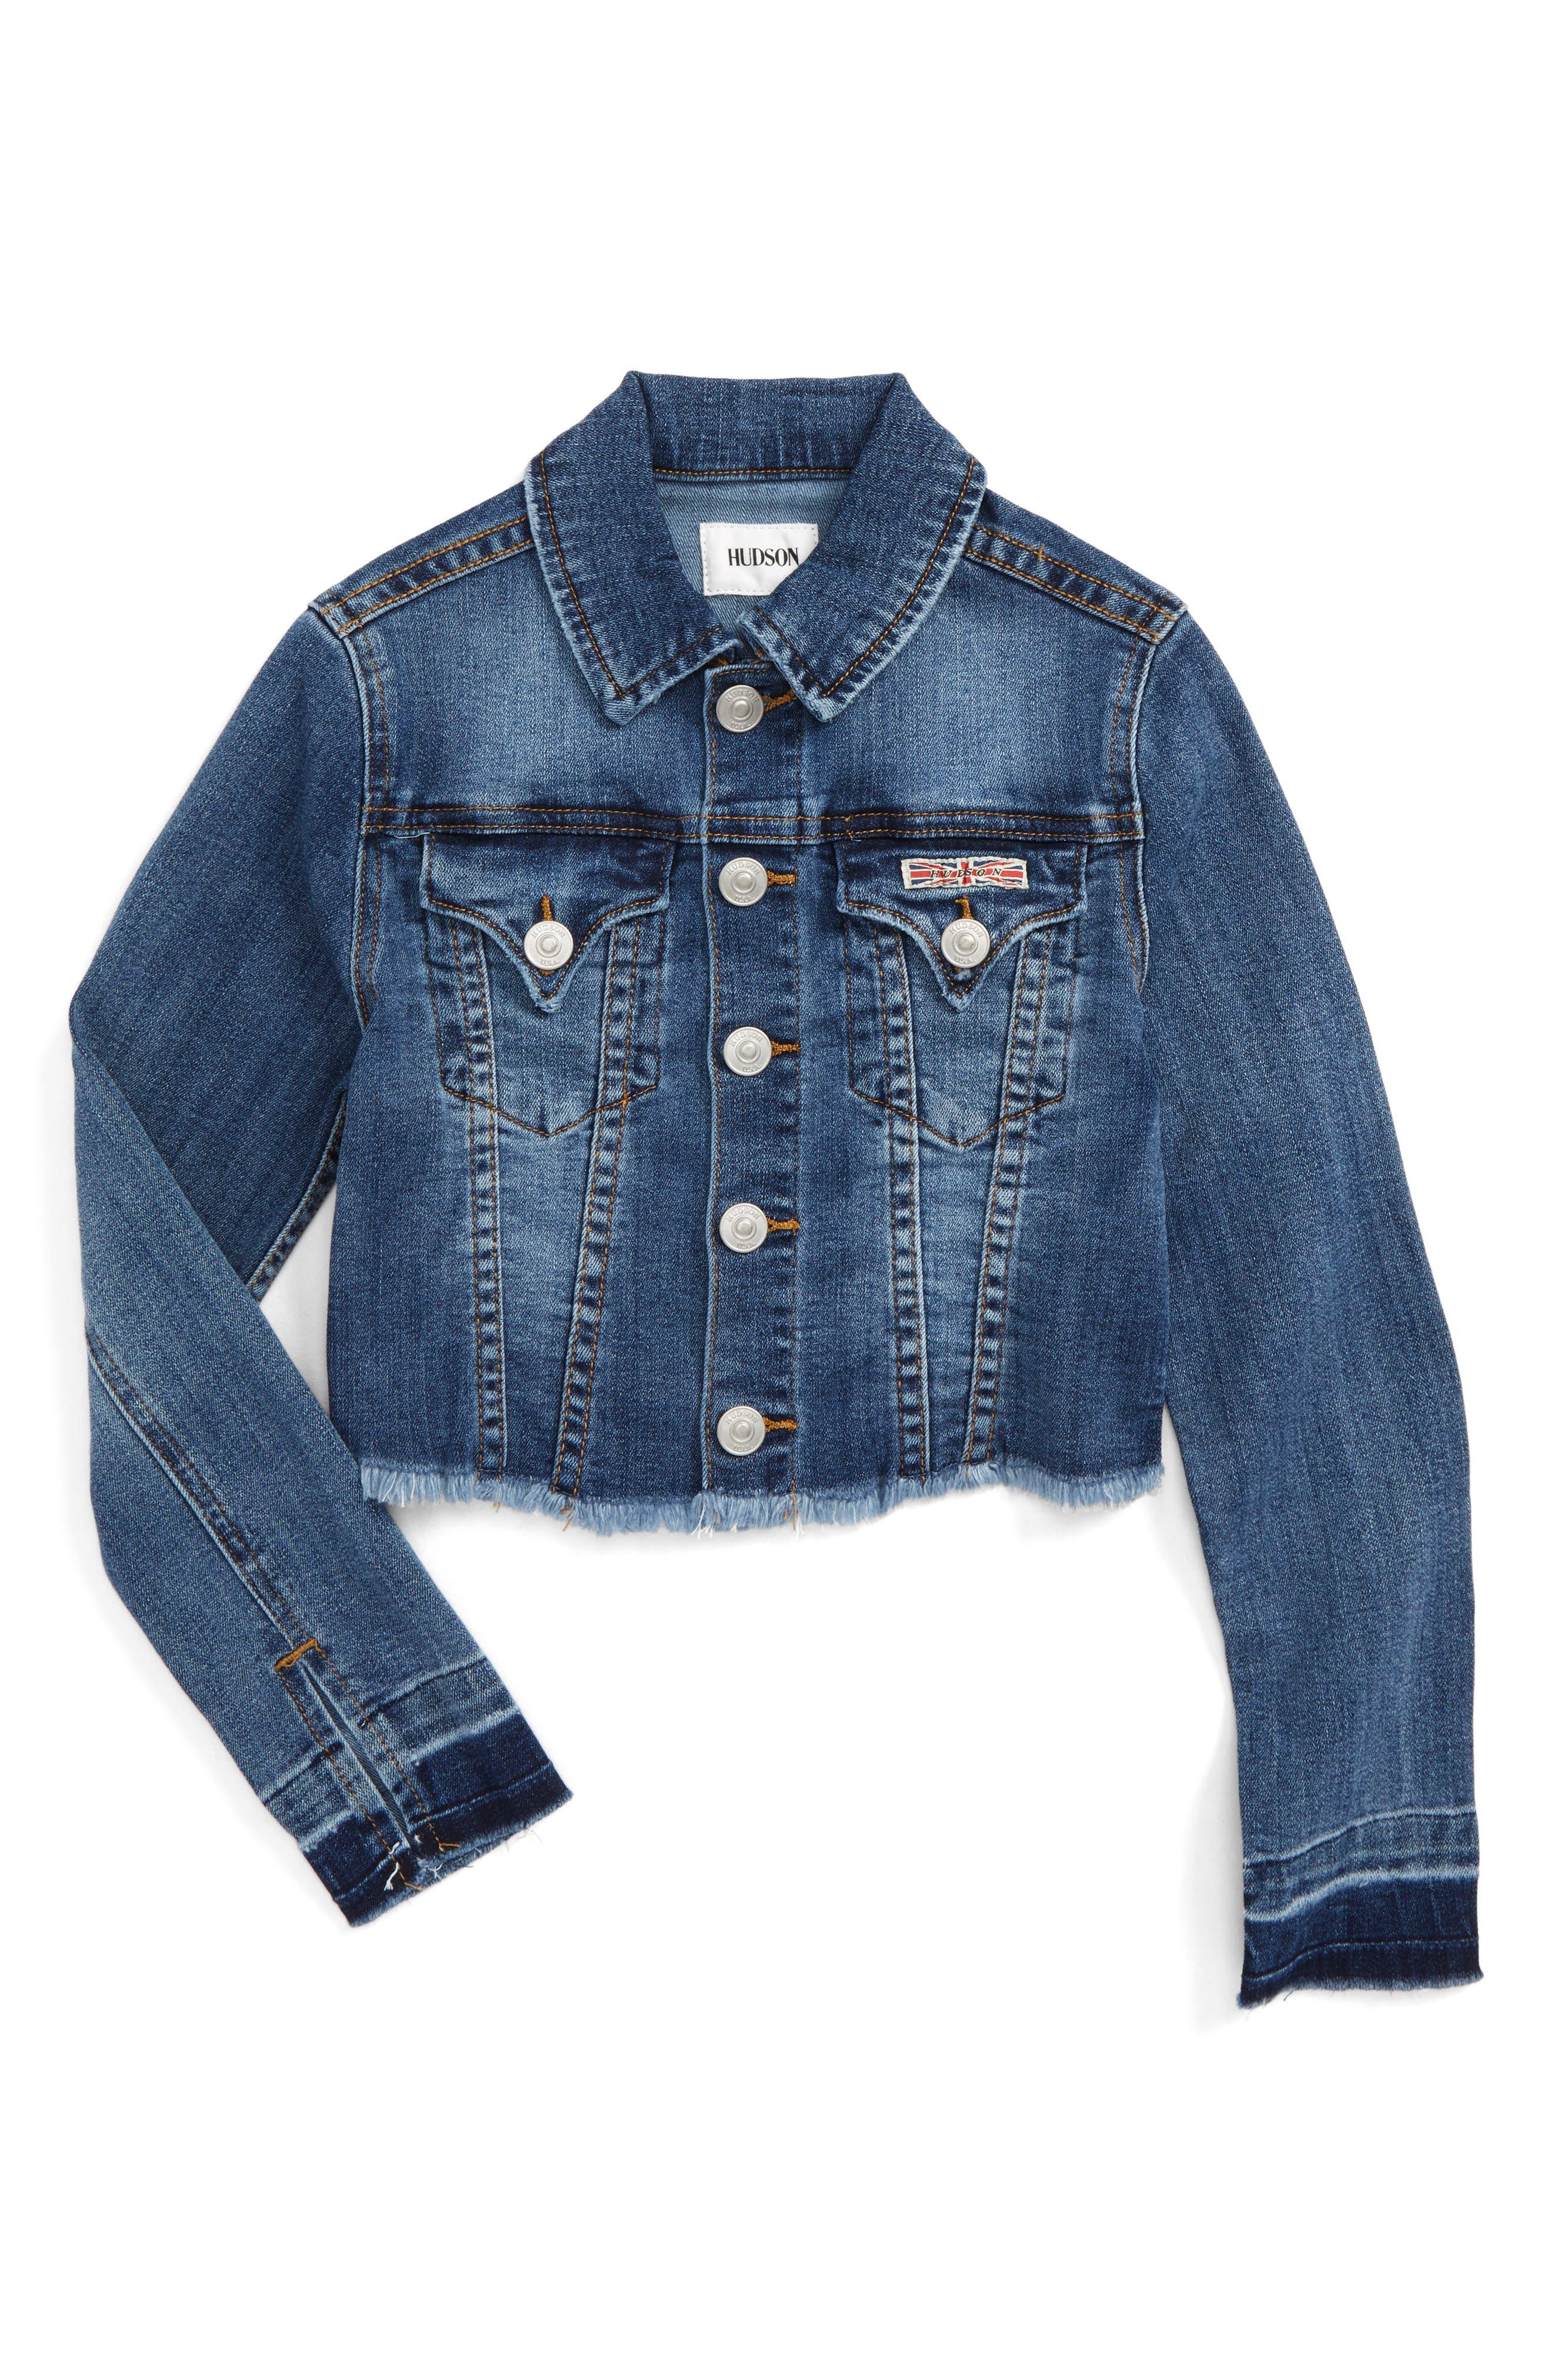 Main Image - Hudson Kids Cara Denim Jacket (Big Girls)